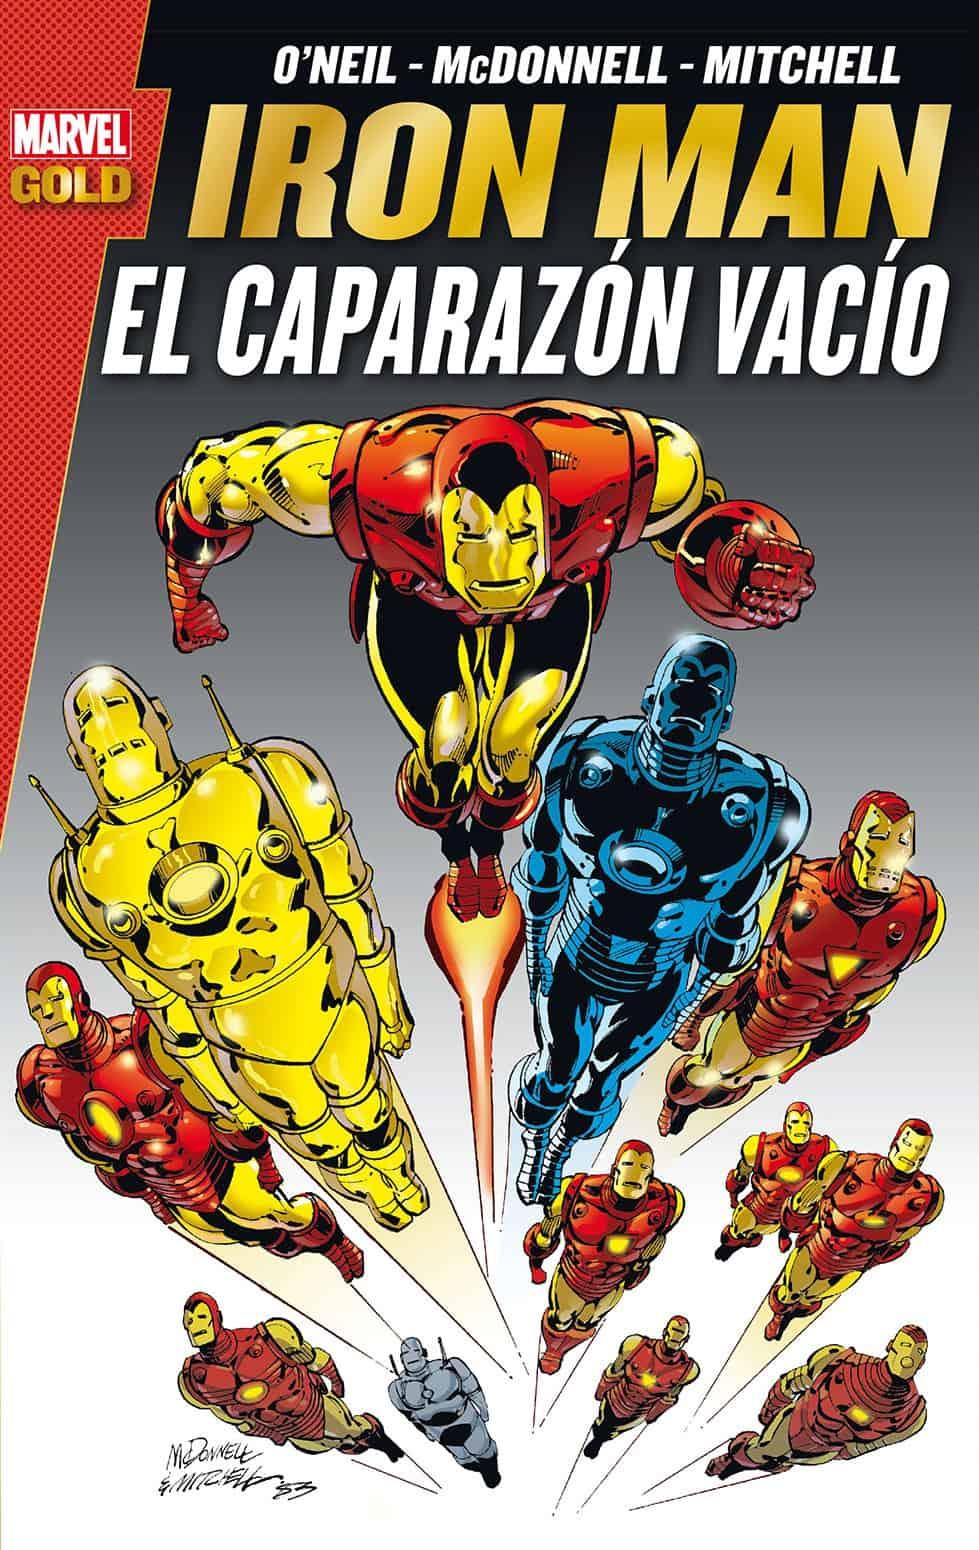 IRON MAN: EL CAPARAZON VACIO (MARVEL GOLD)